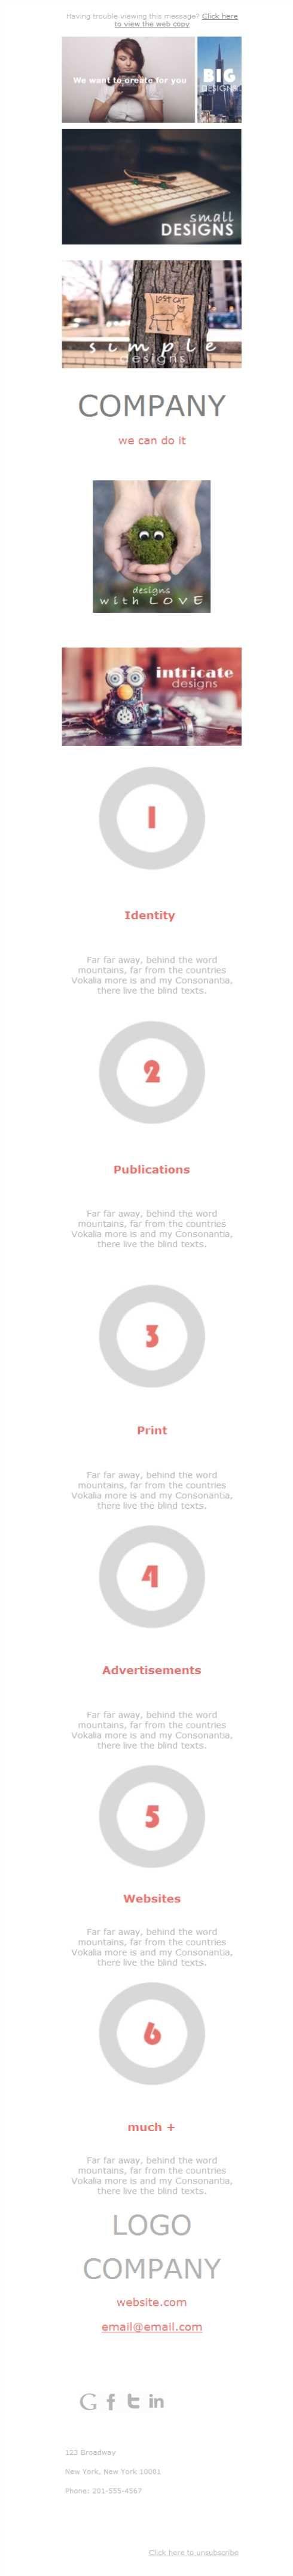 El diseño gráfico es una gran disciplina donde la creatividad no tiene límites. Igual que nuestras plantillas newsletter, sin límites, porque llegan a todos los formatos móviles gracias al diseño responsive.